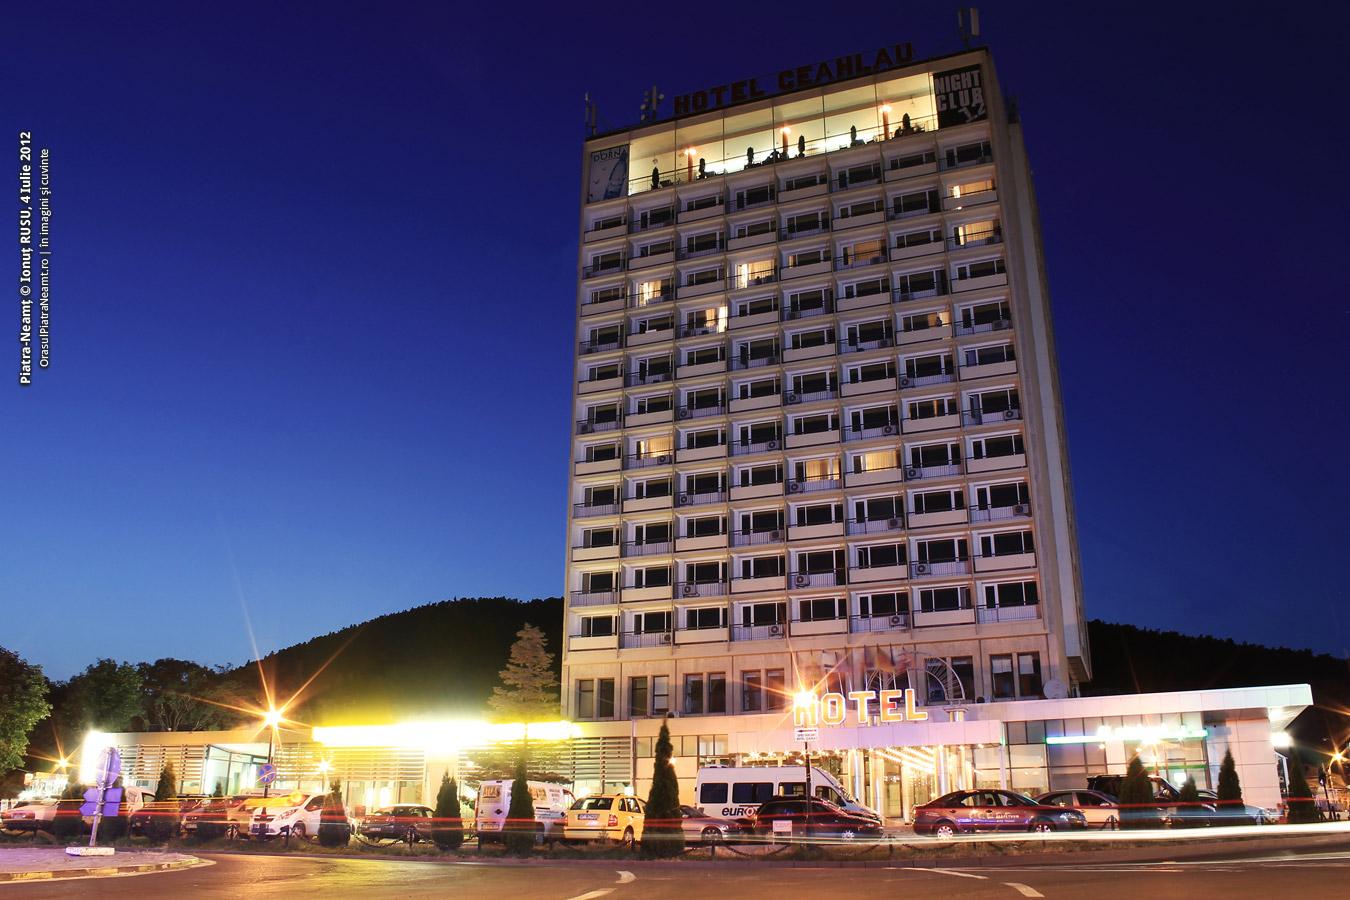 Grand Hotel Ceahlau